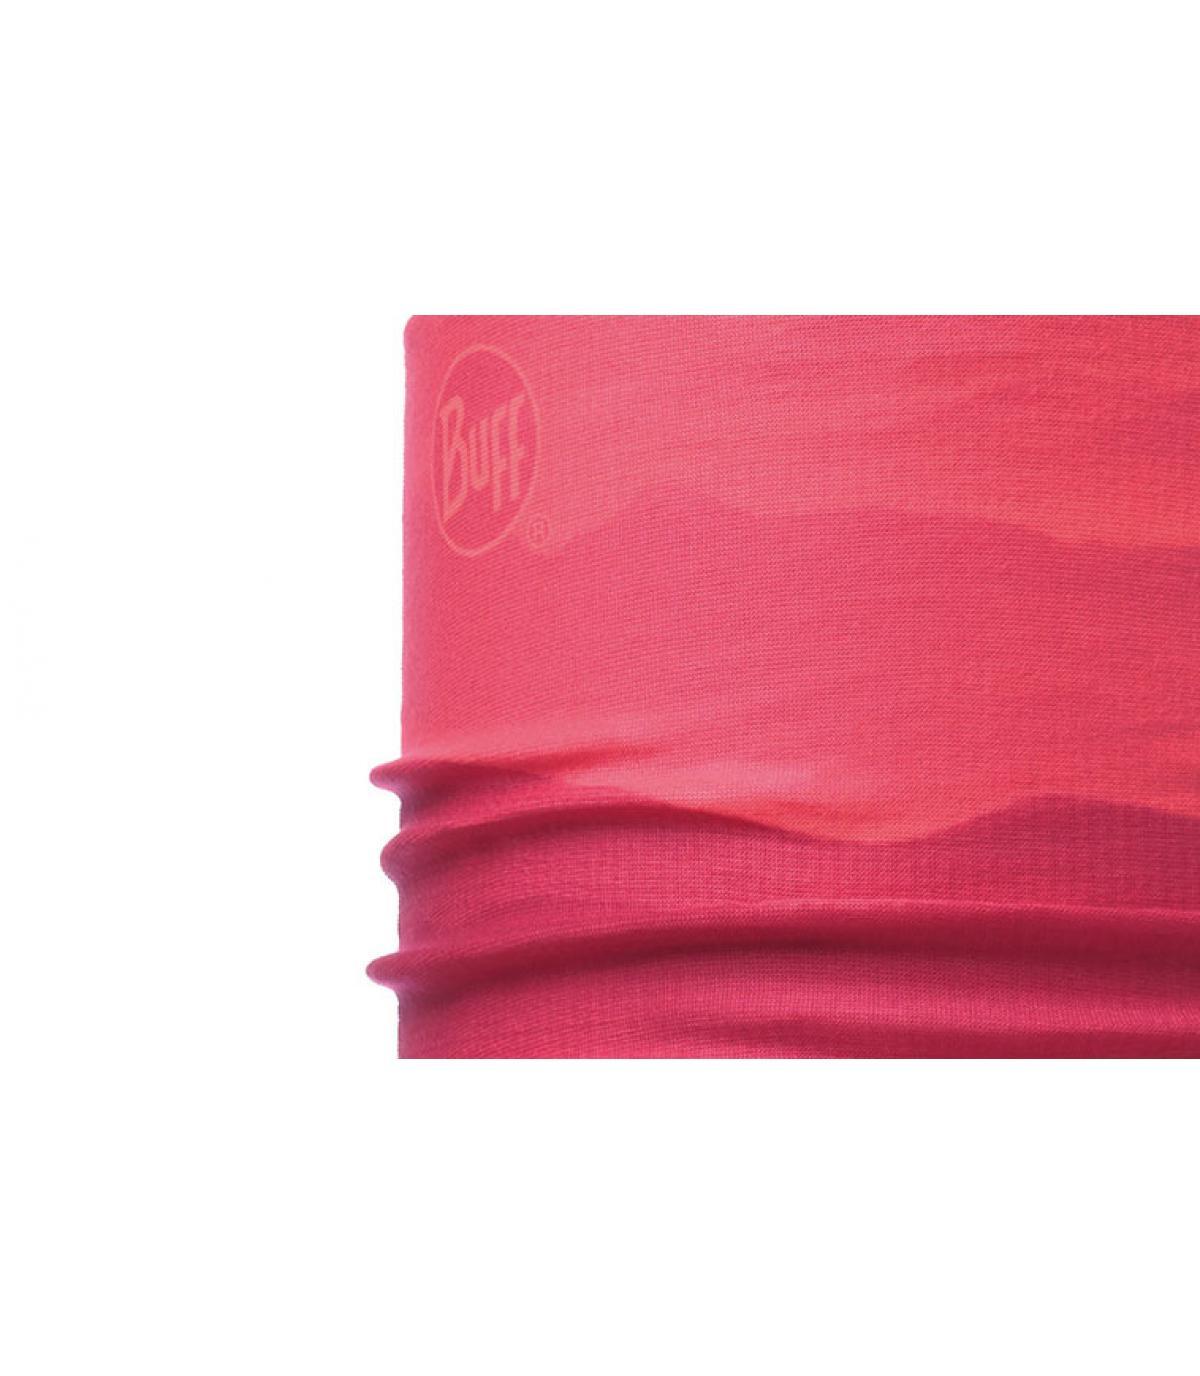 Details Original soft hills pink fluo - afbeeling 2